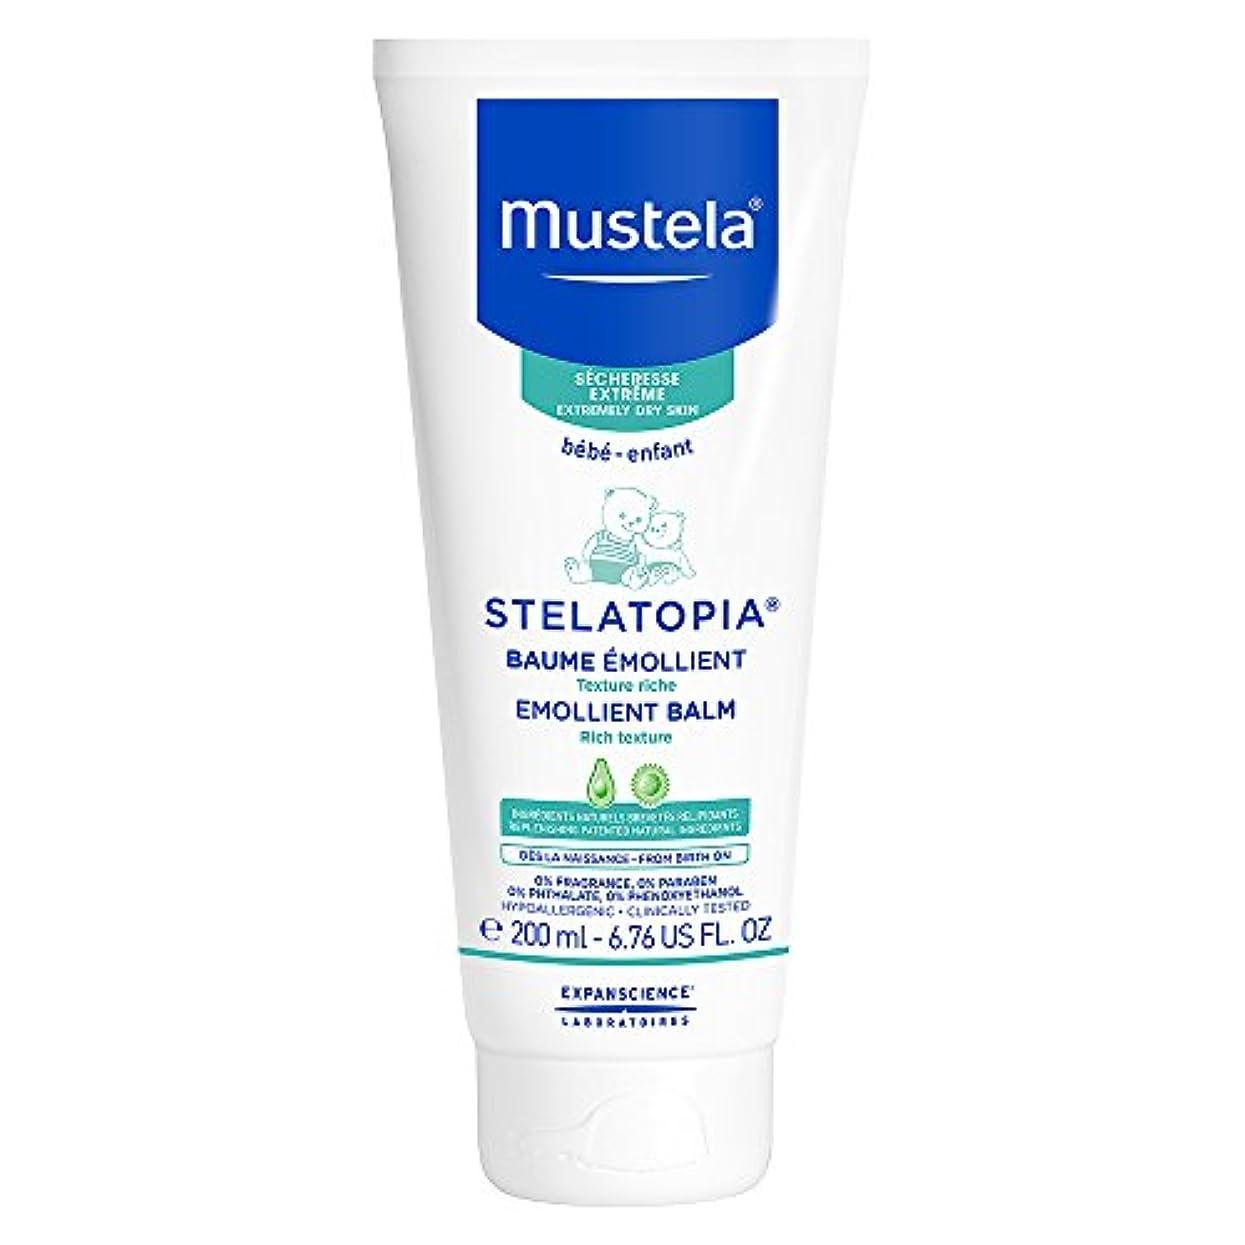 騒乱遺棄されたボルトMustela - Stelatopia Emollient Balm (6.76 oz.)